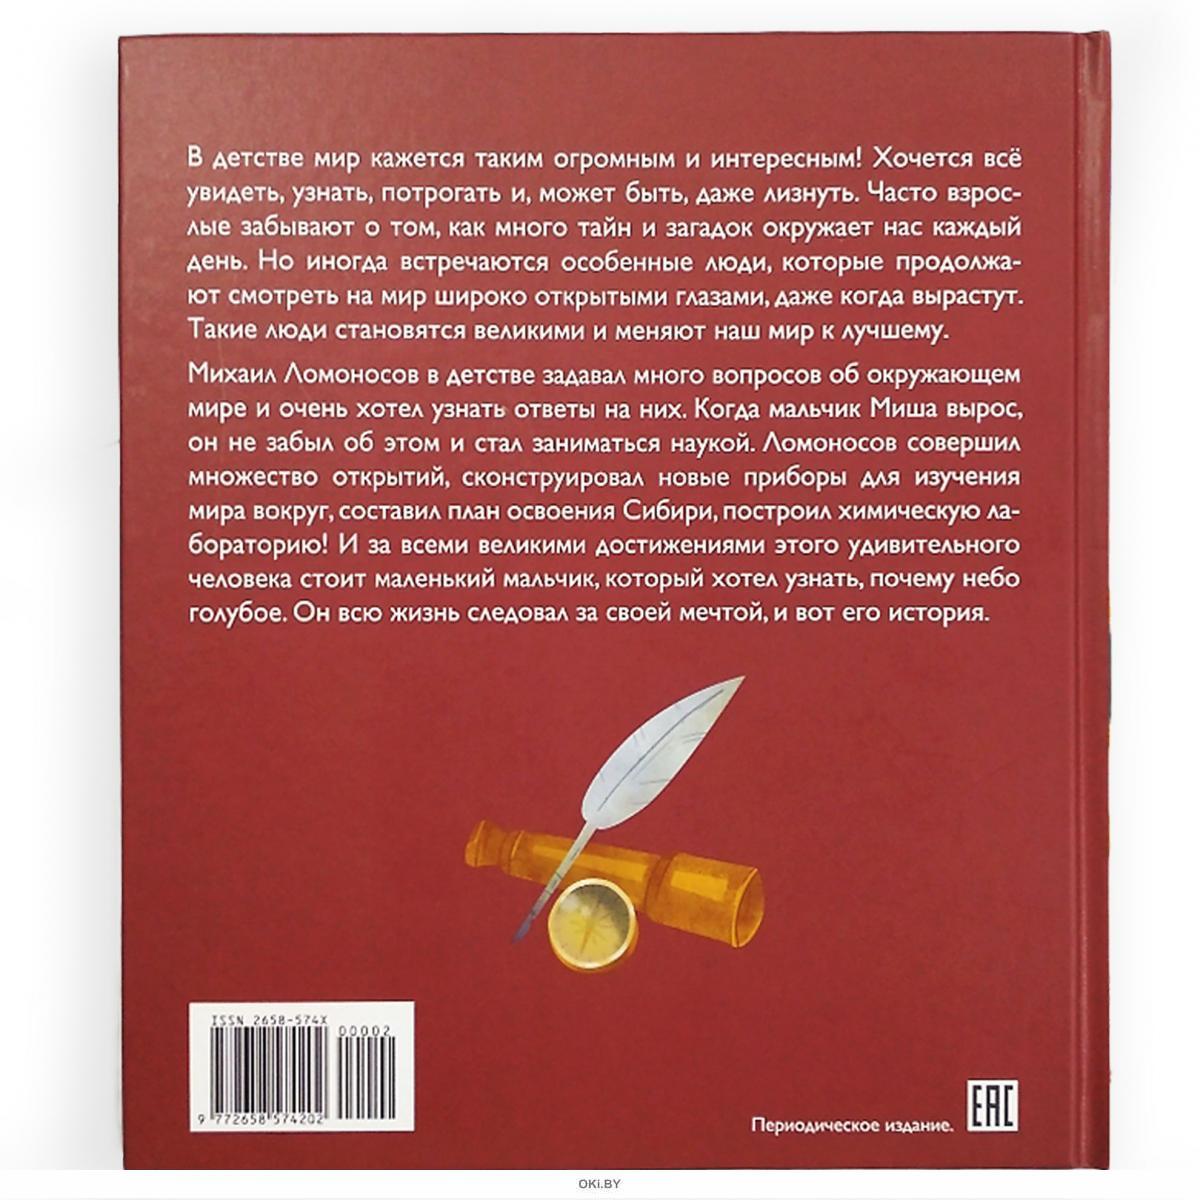 ОНИ ТОЖЕ БЫЛИ МАЛЕНЬКИМИ (ДЕФЕКТ) № 2. Михаил Ломоносов